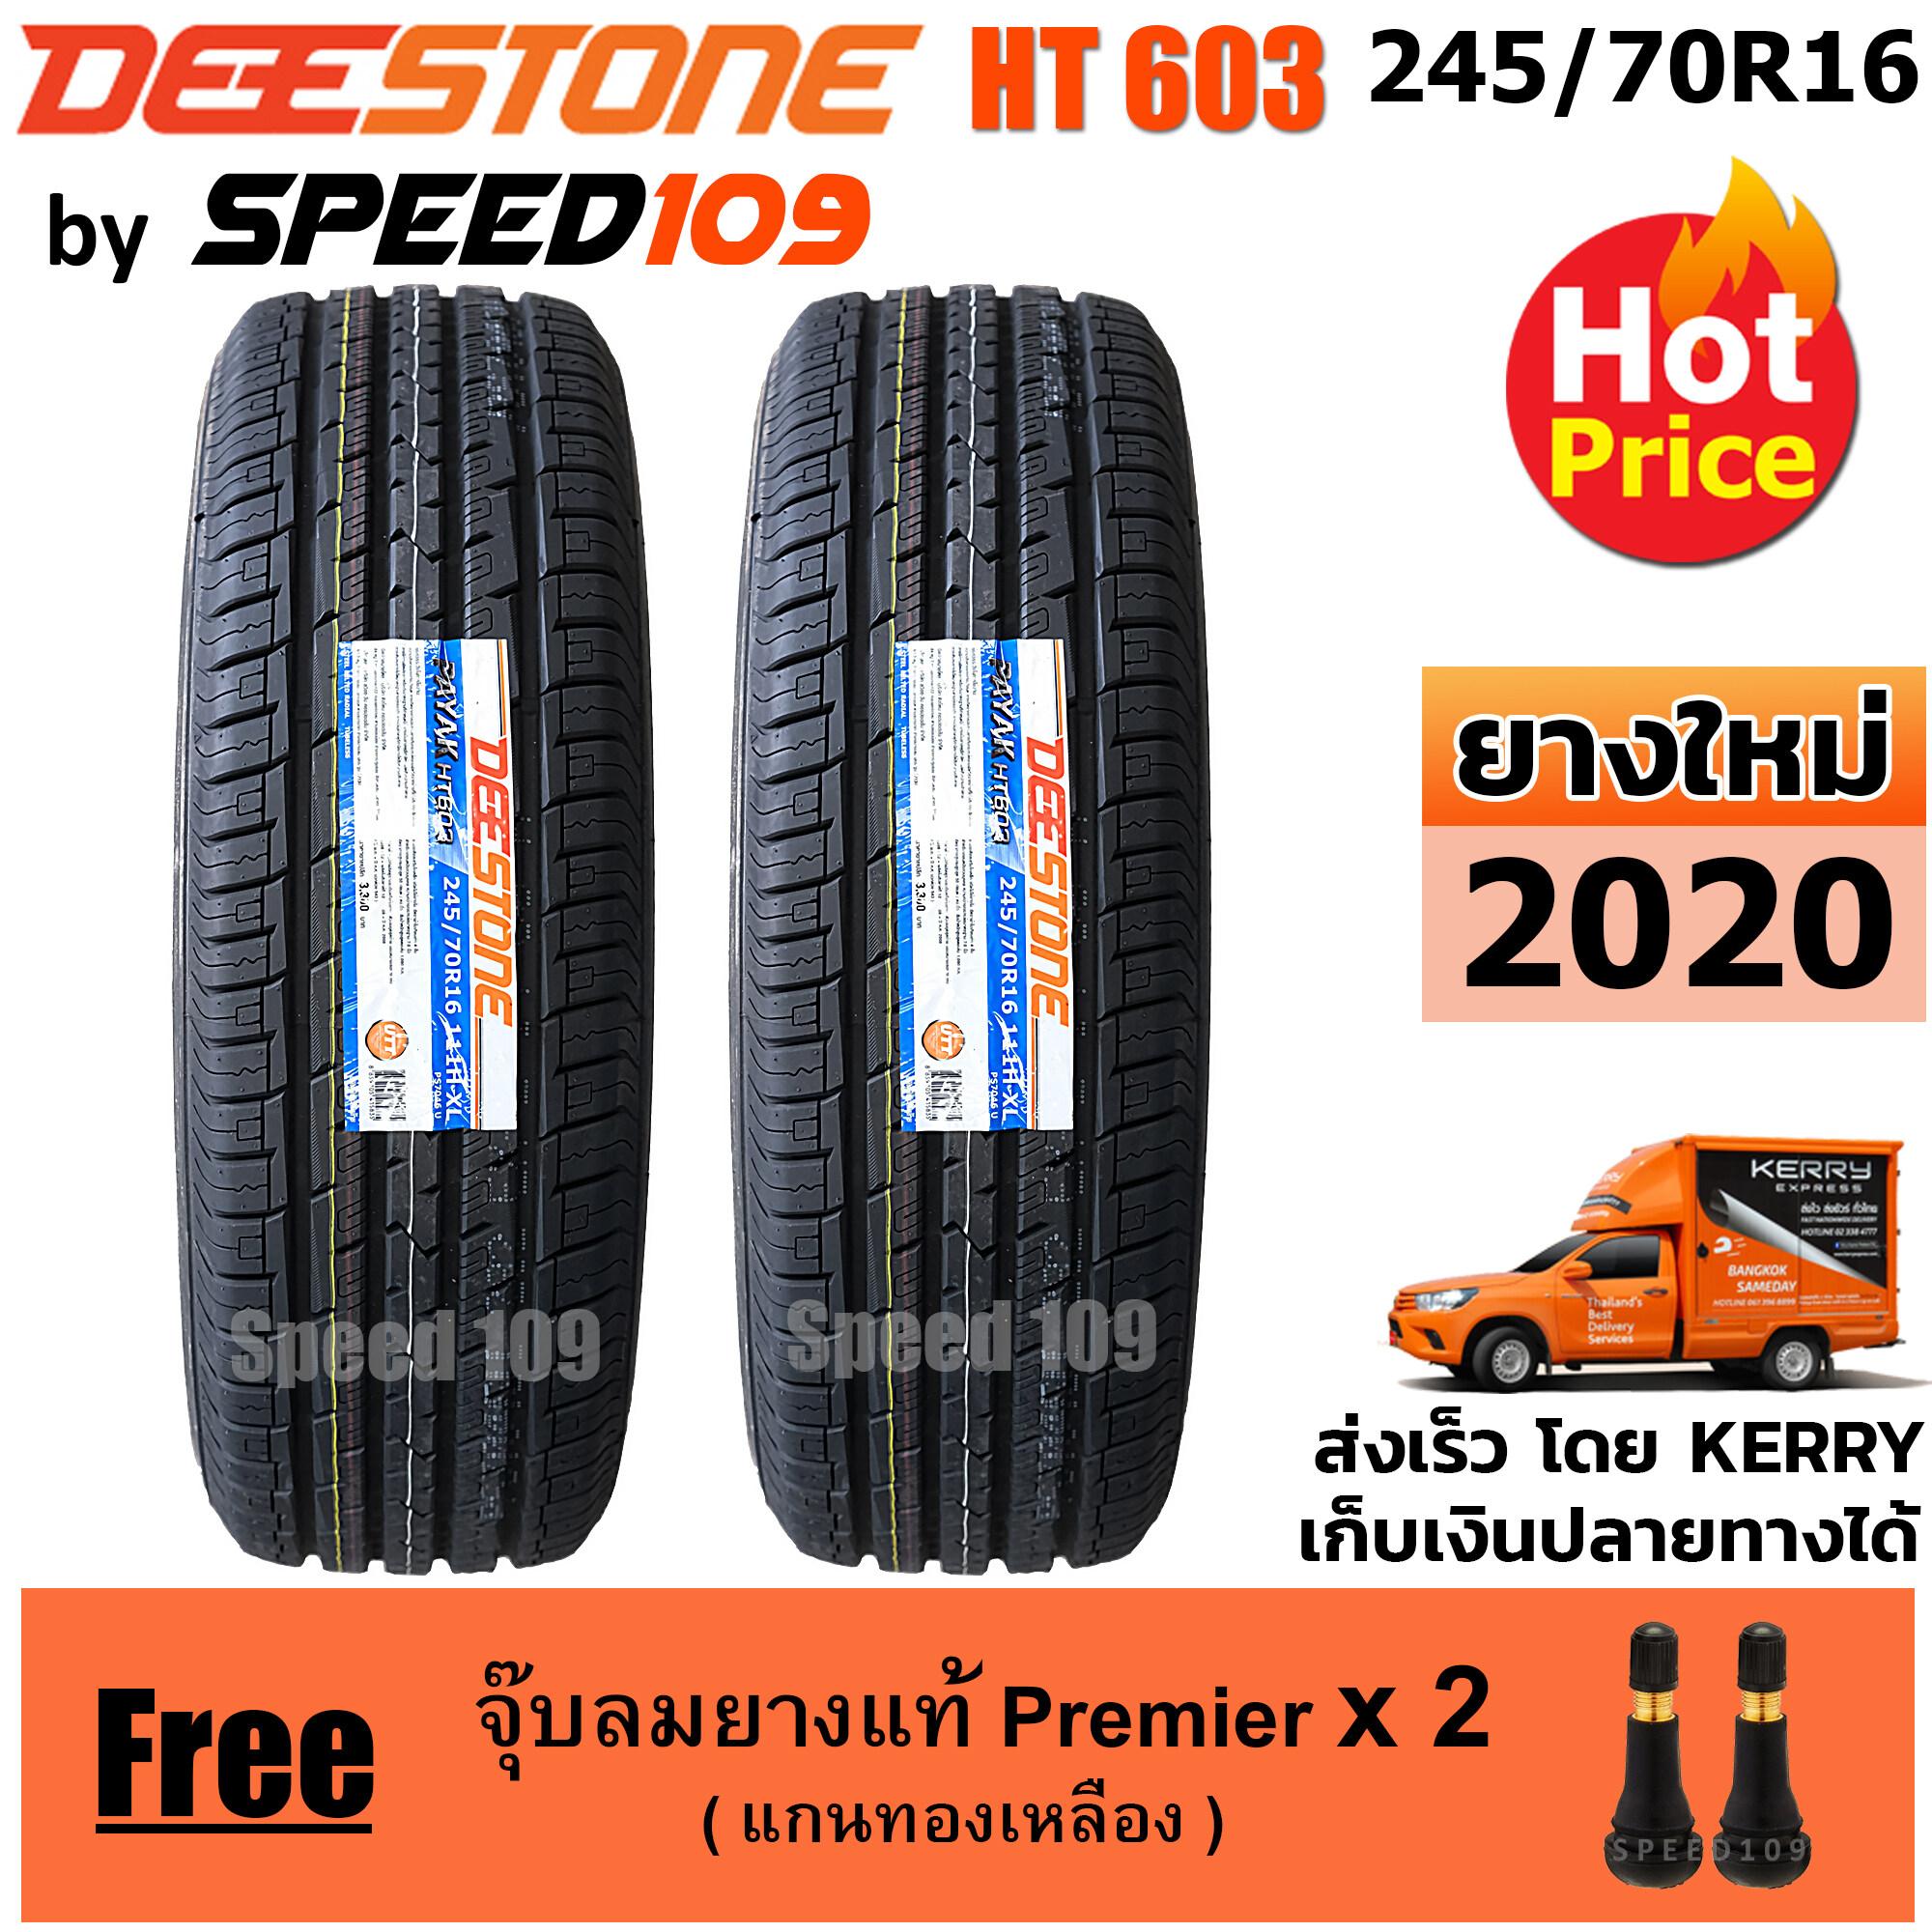 Deestone ยางรถยนต์ ขอบ 16 ขนาด 245/70r16 รุ่น Payak Ht603 - 2 เส้น (ปี 2020).